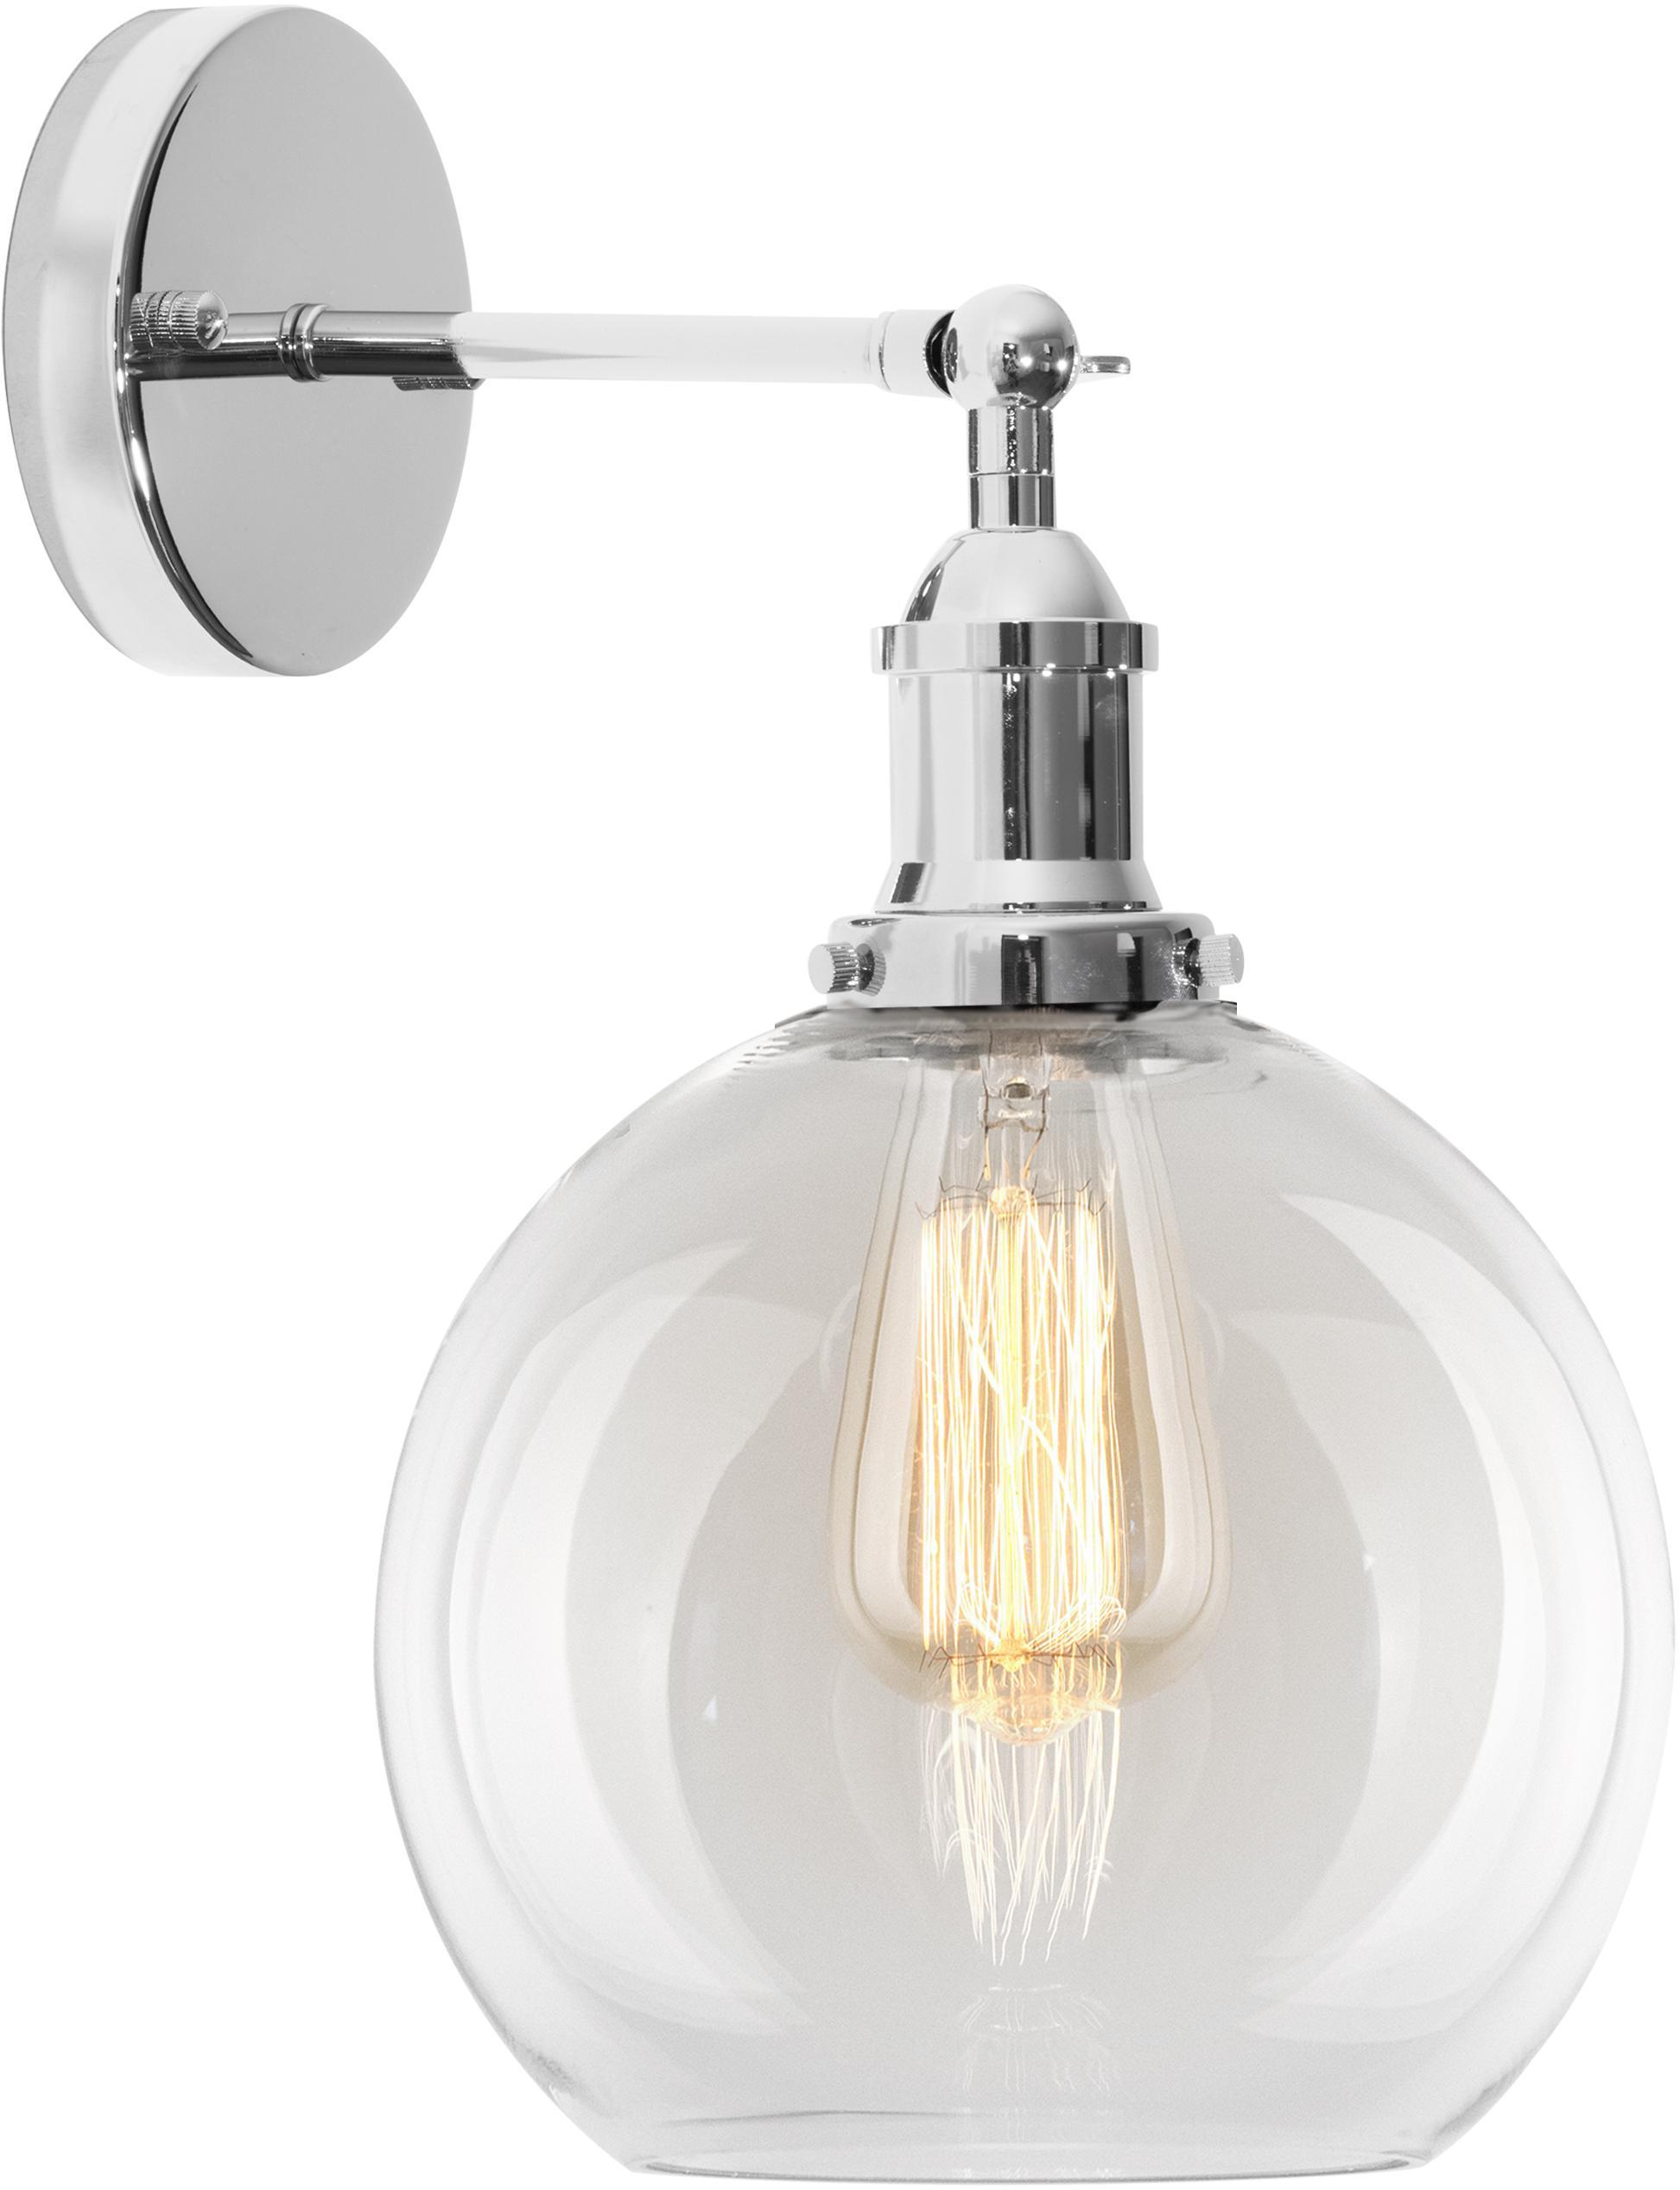 Nástěnné svítidlo New York Loft No.2, Chromová, transparentní